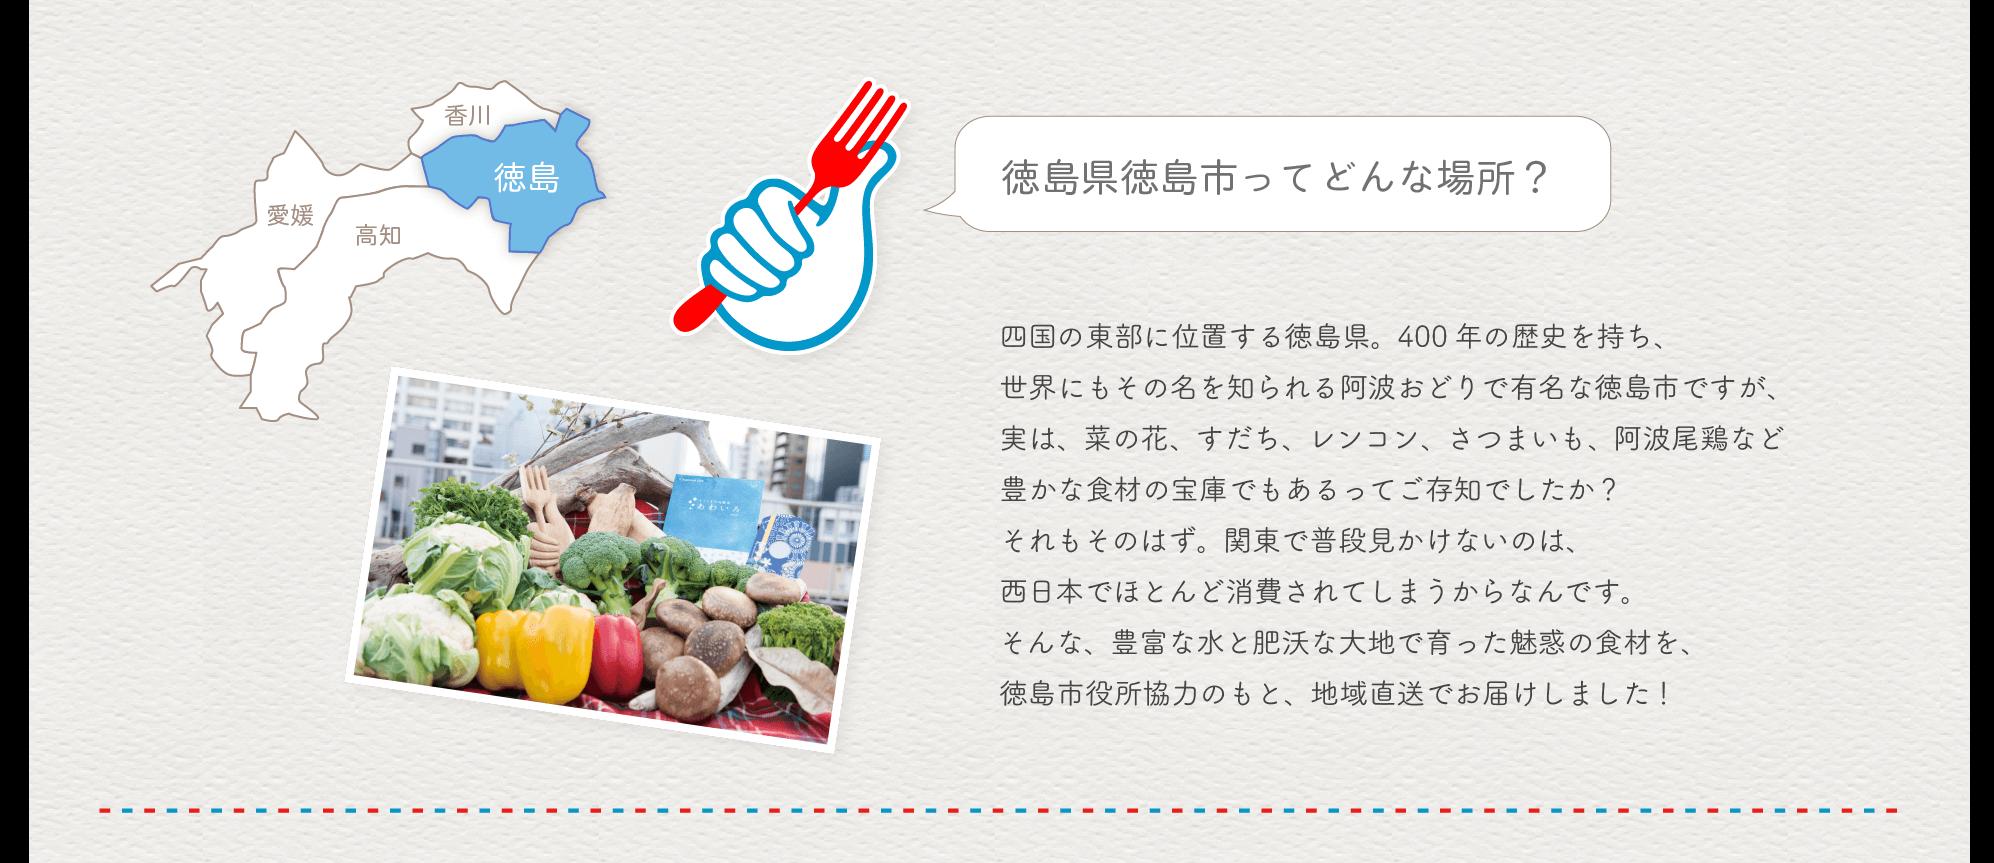 徳島県徳島市ってどんな場所?